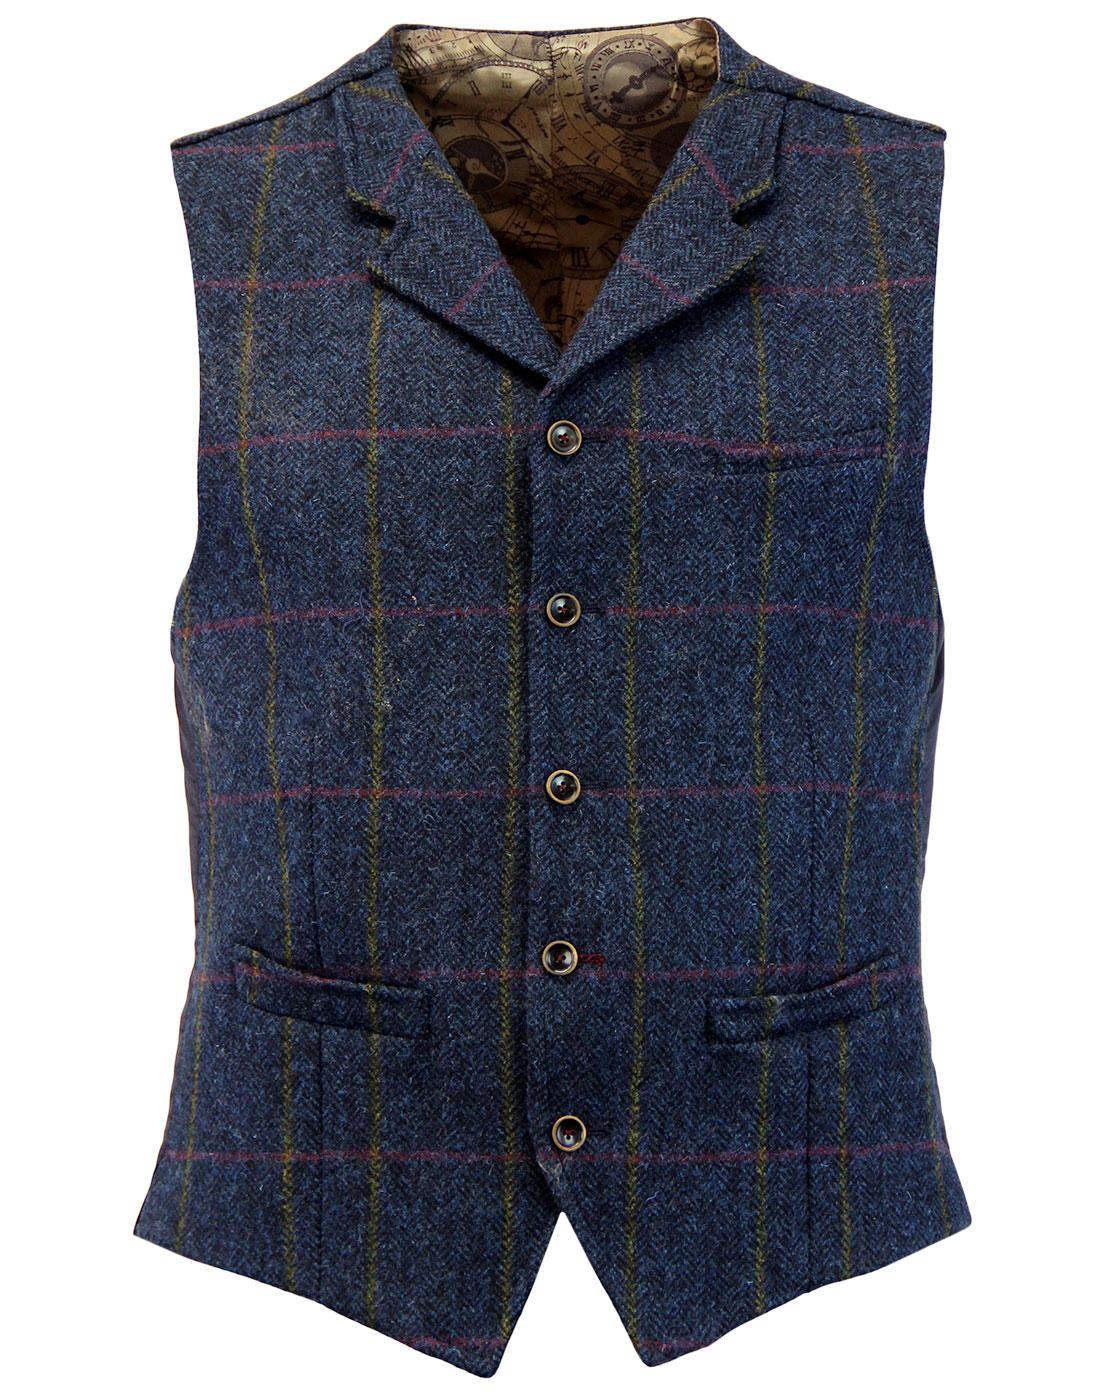 Tyburn GIBSON LONDON Herringbone Check Waistcoat N